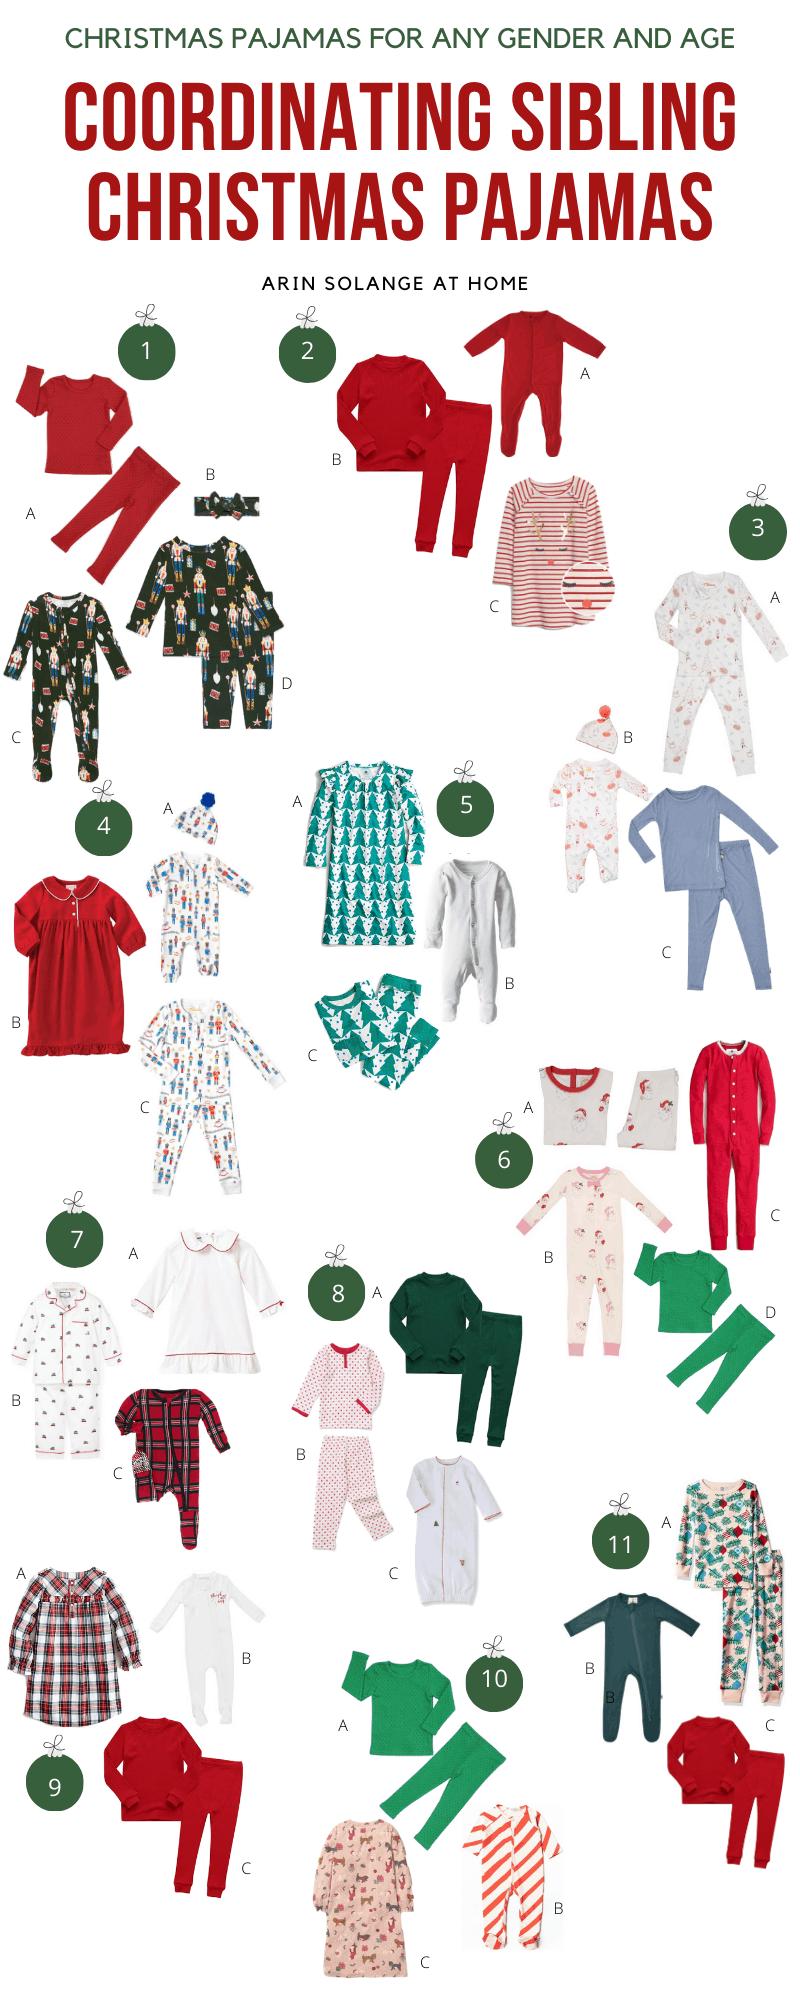 Coordinating Sibling Christmas Pajamas